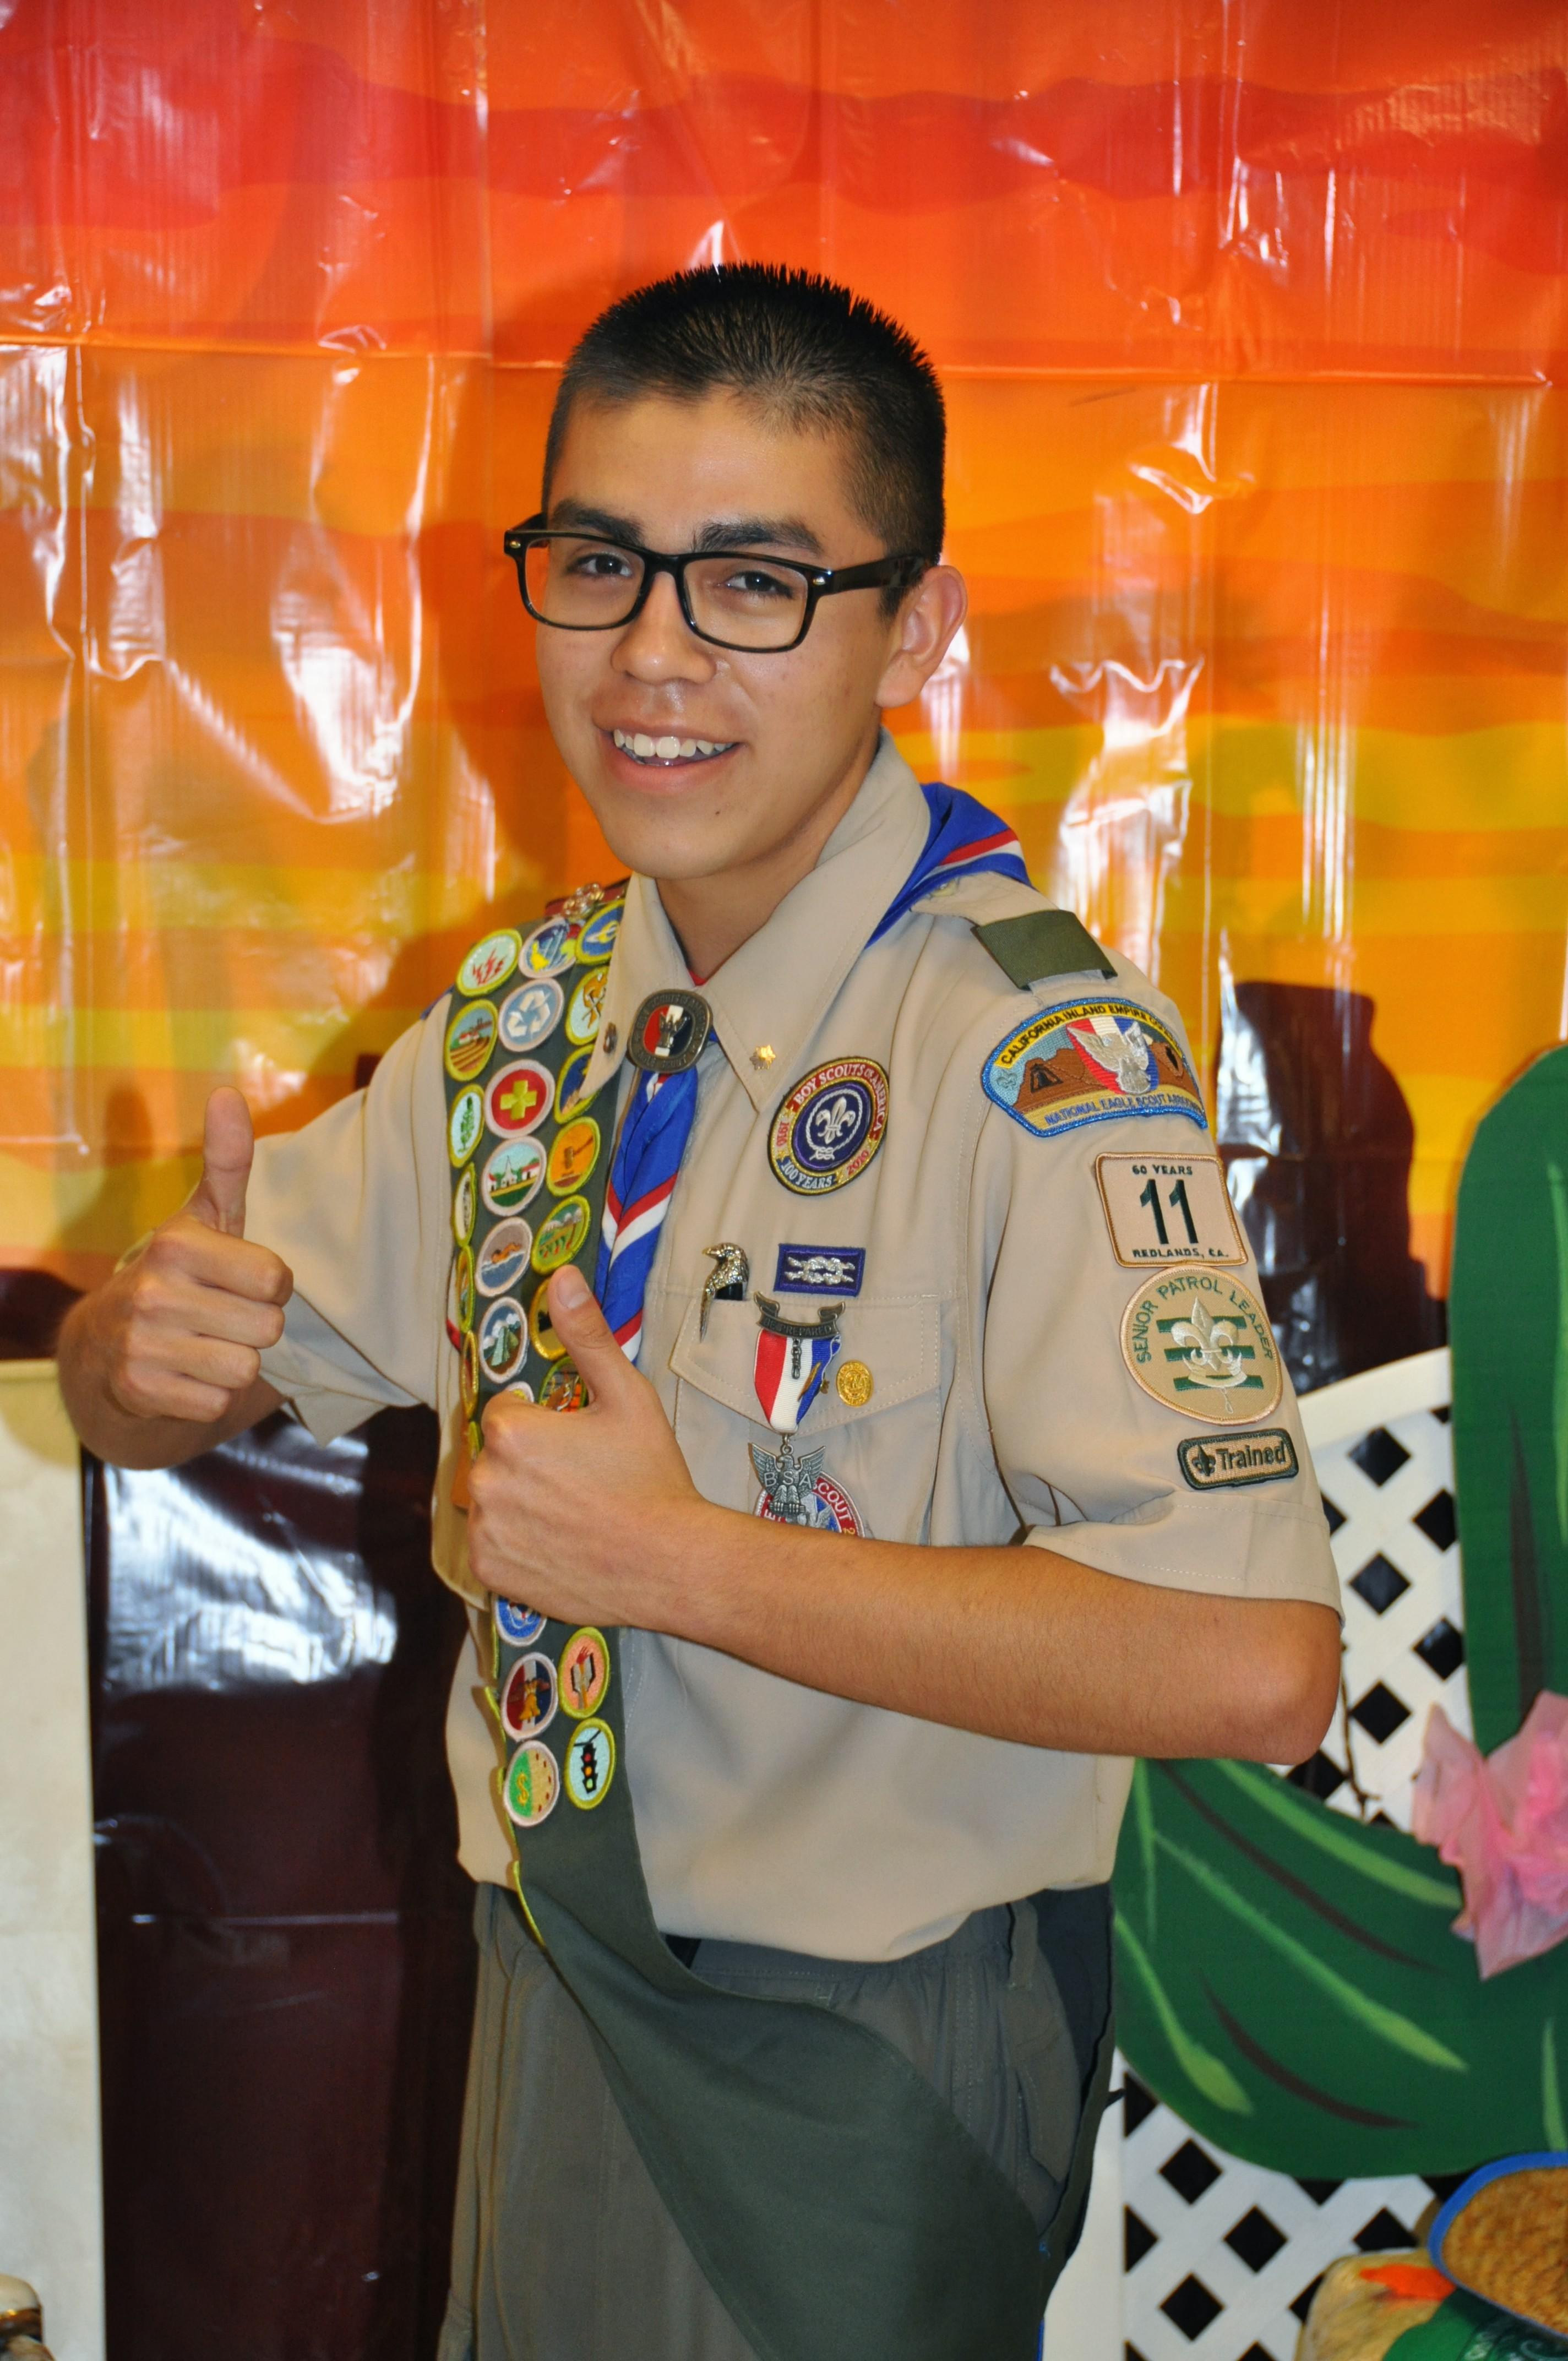 My last picture as the Senior Patrol Leader of Troop 11